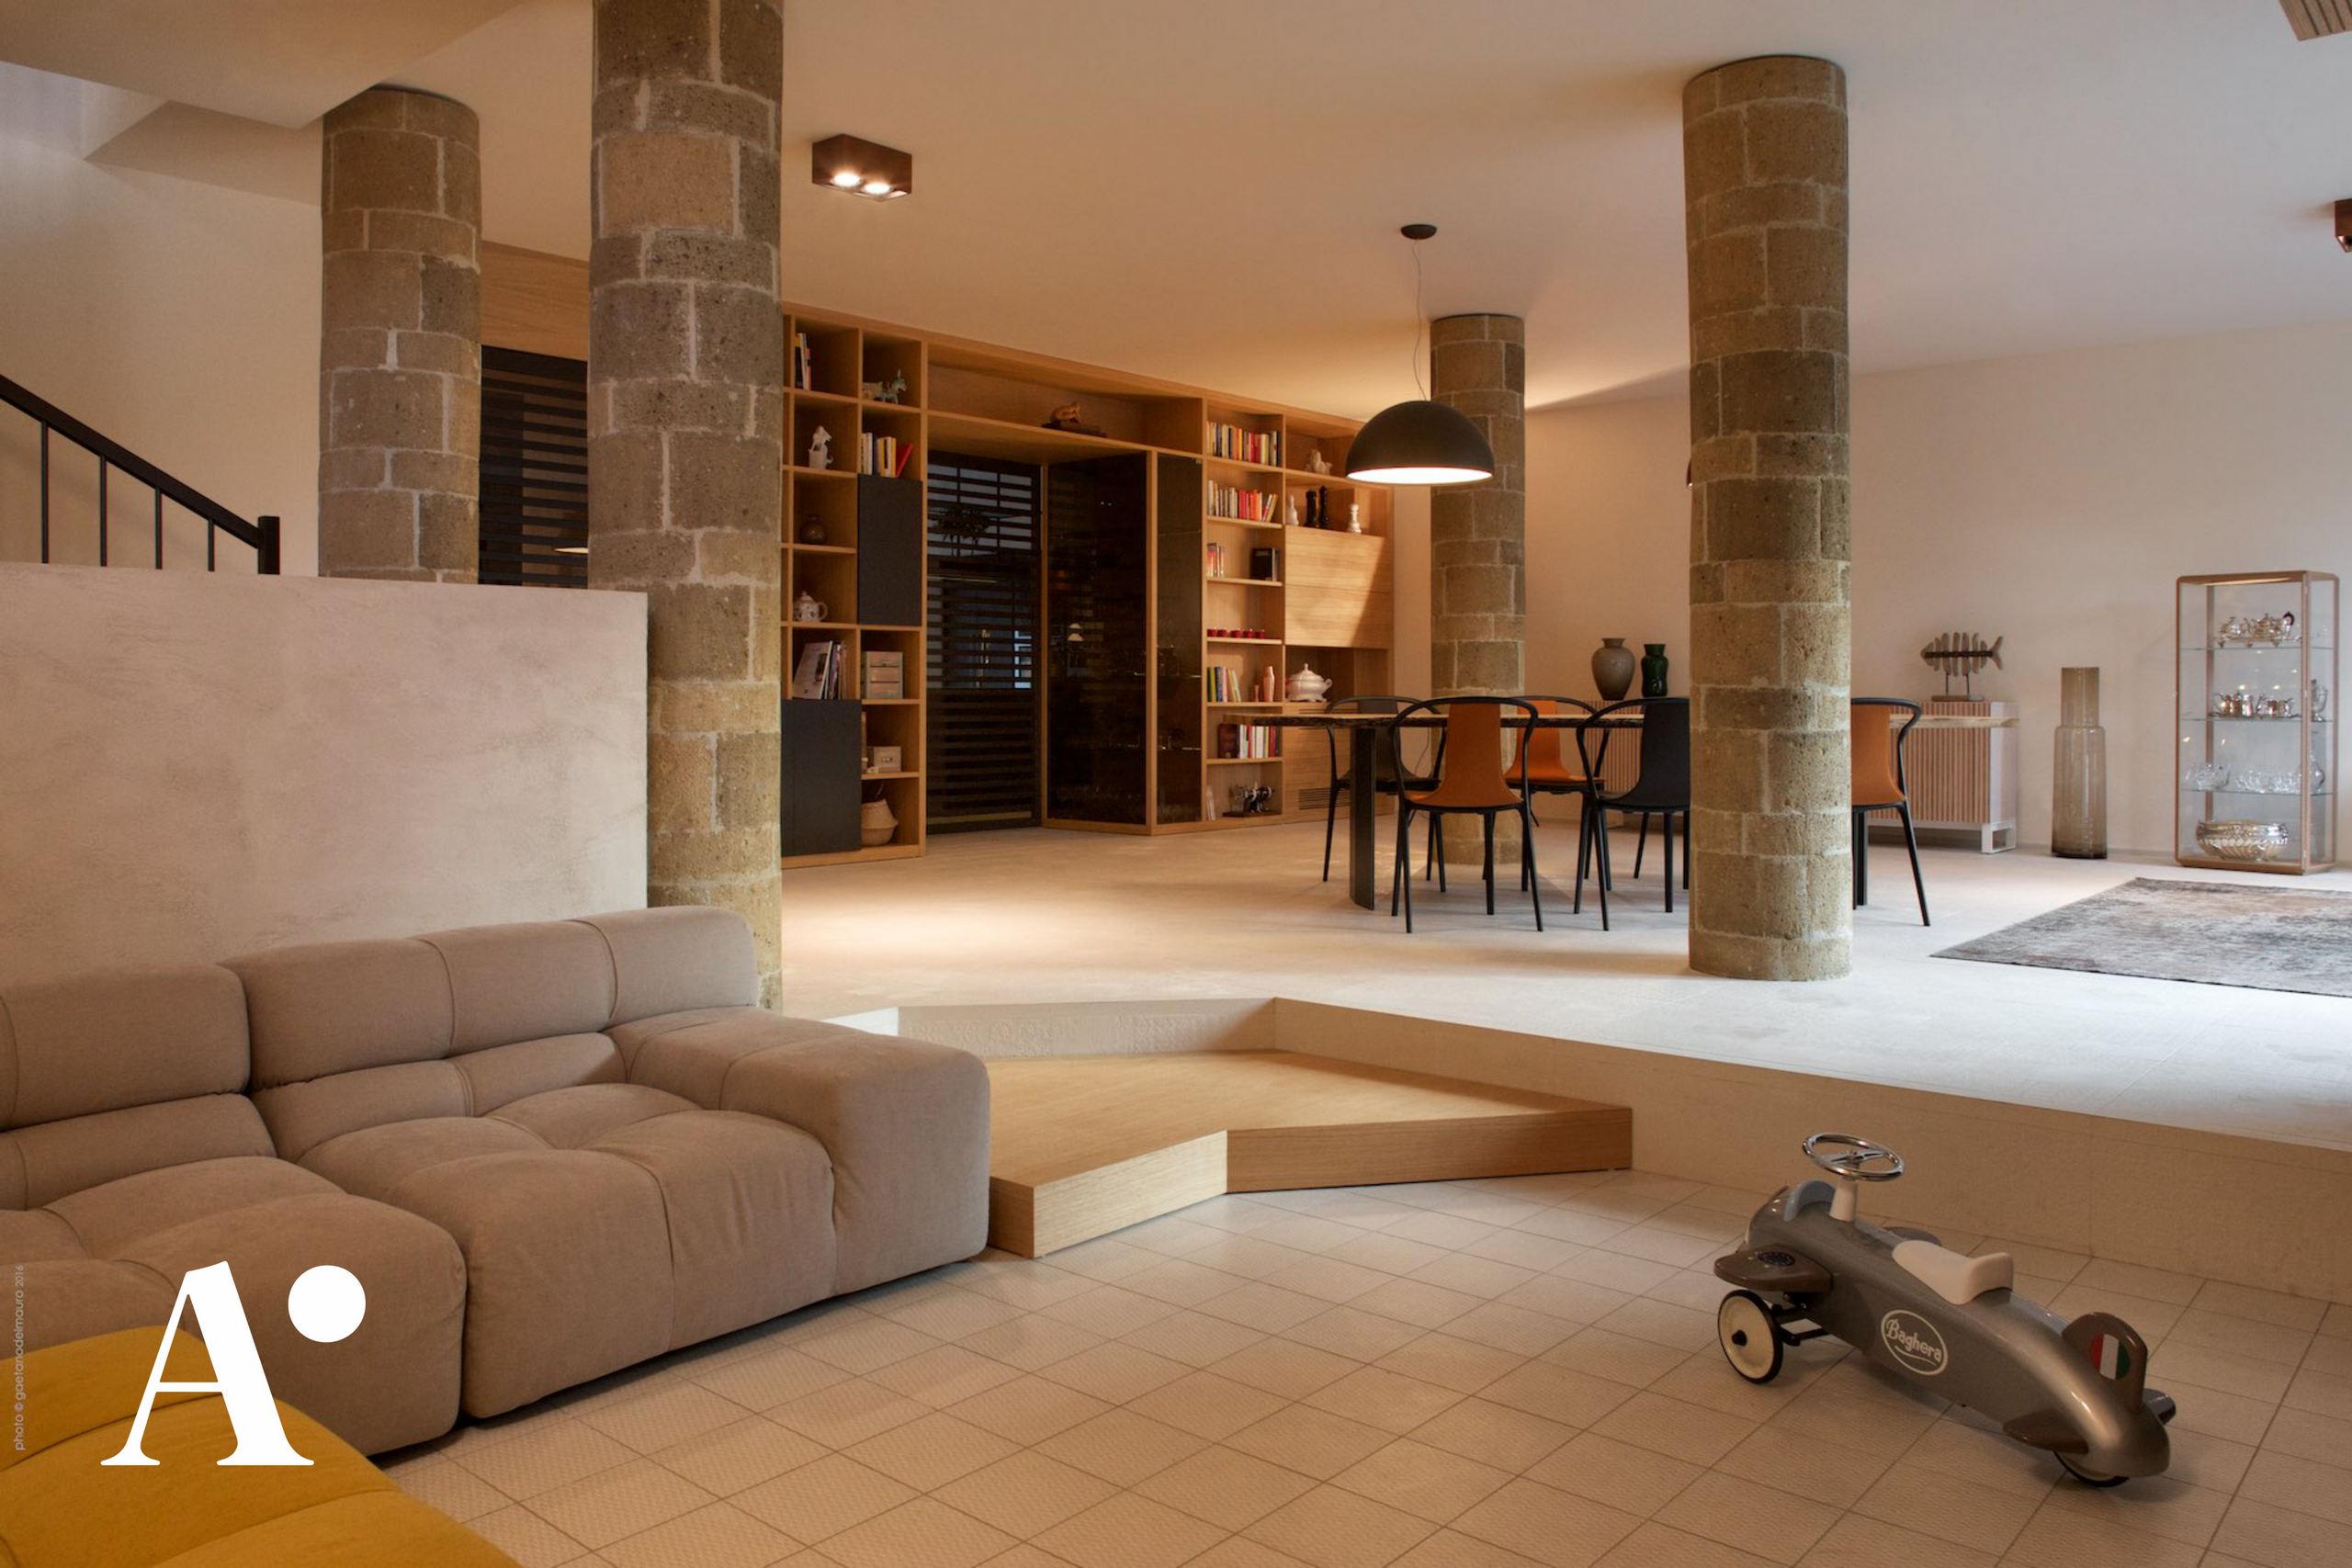 avella-concept-home-design-0006